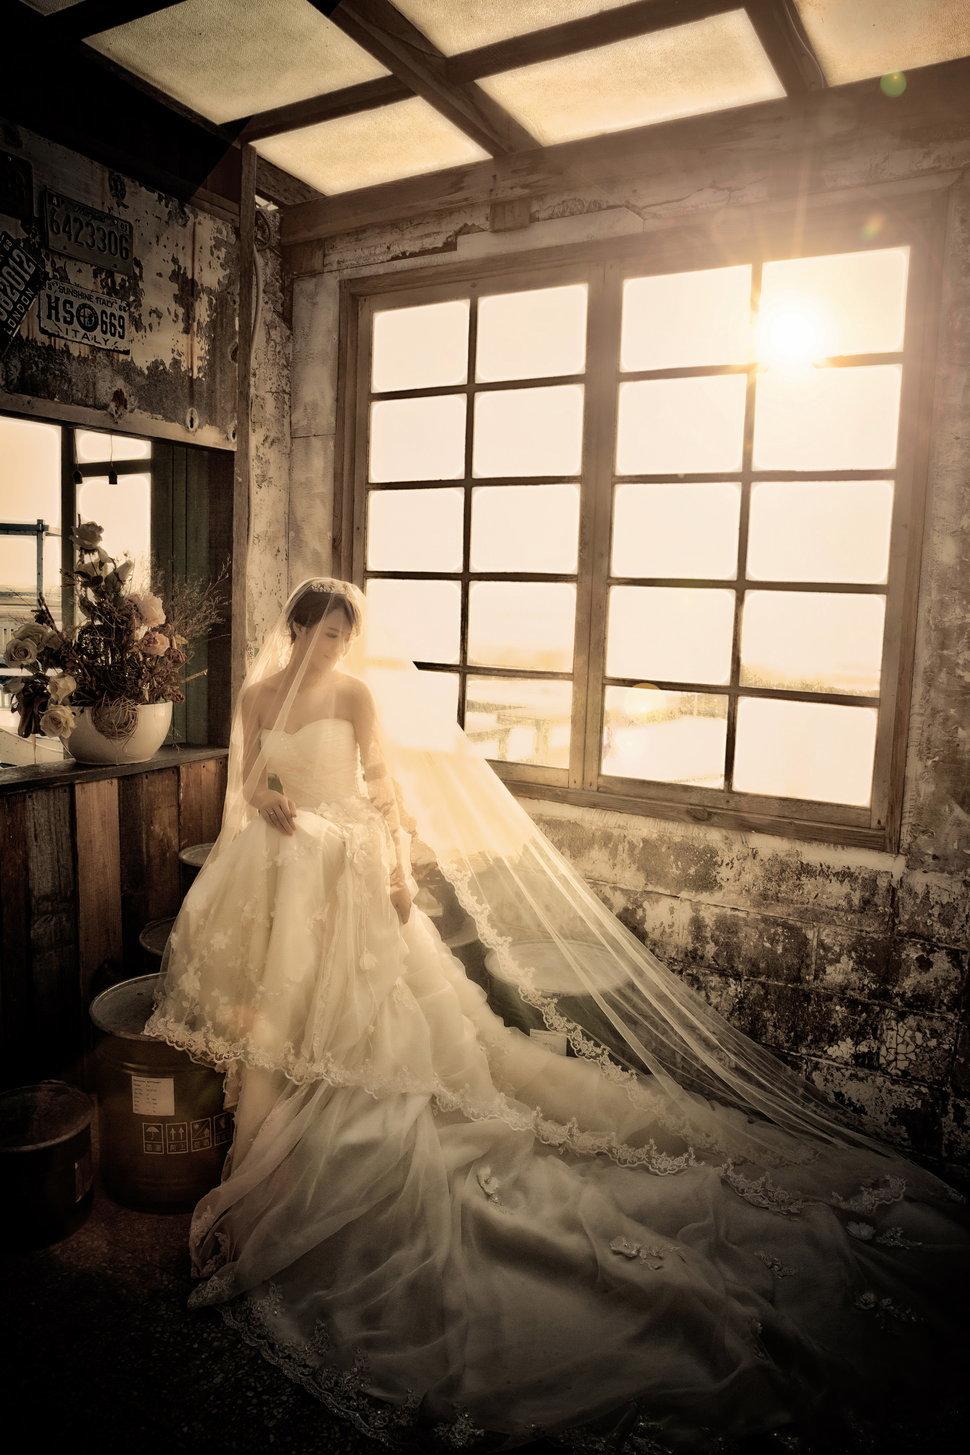 熟悉的角落 是最美麗的風景  希臘婚禮  新人分享 智&芸(編號:423760) - 希臘婚禮  婚紗  攝影 - 結婚吧一站式婚禮服務平台